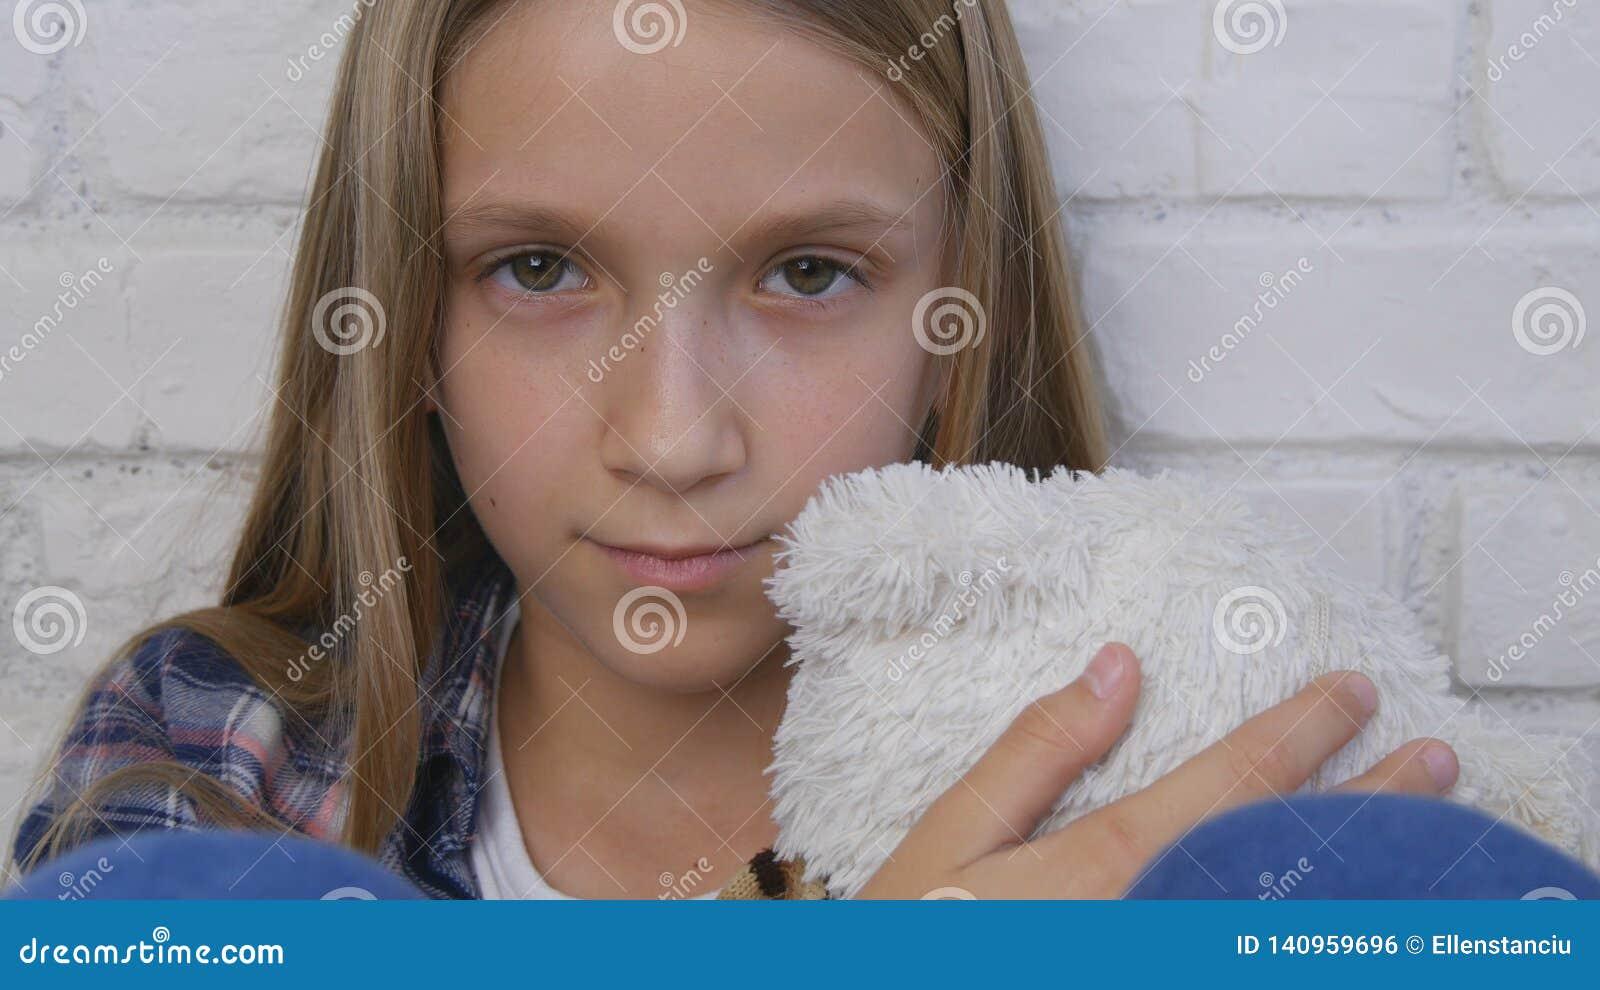 Niño triste, niño infeliz, muchacha enferma enferma en la depresión, persona pensativa subrayada